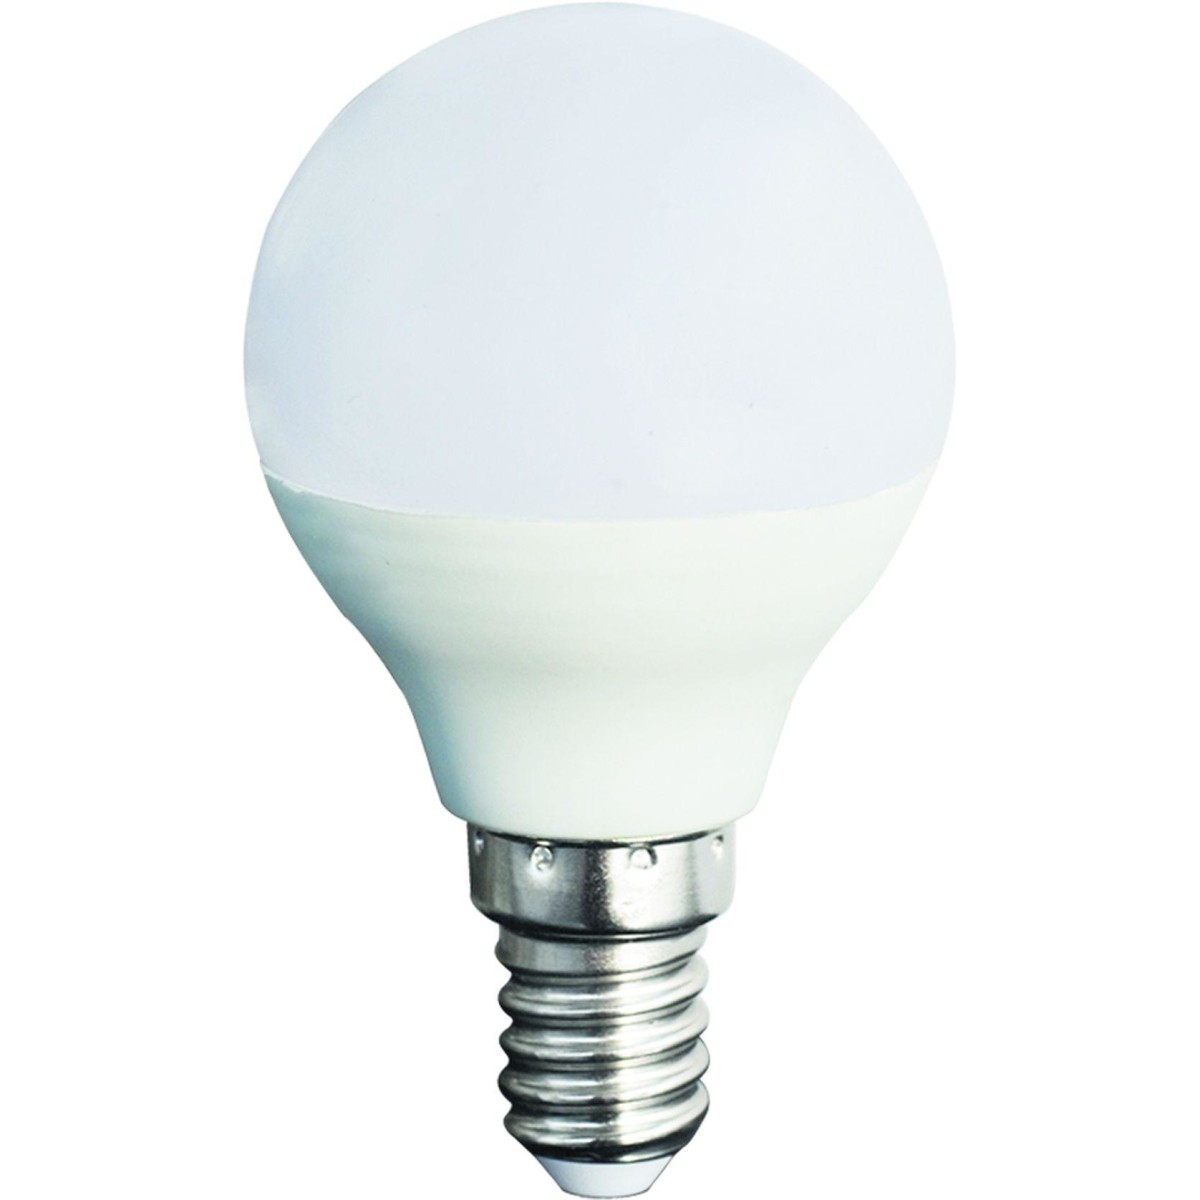 Лампа Ecola light светодионая E14 4 Вт шар 260 Лм теплый свет